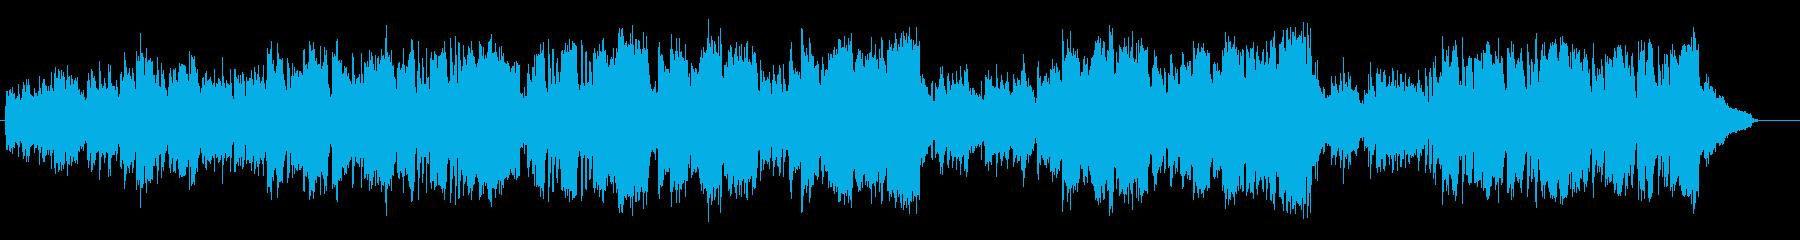 あたたかい日常・やわらかい雰囲気のBGMの再生済みの波形